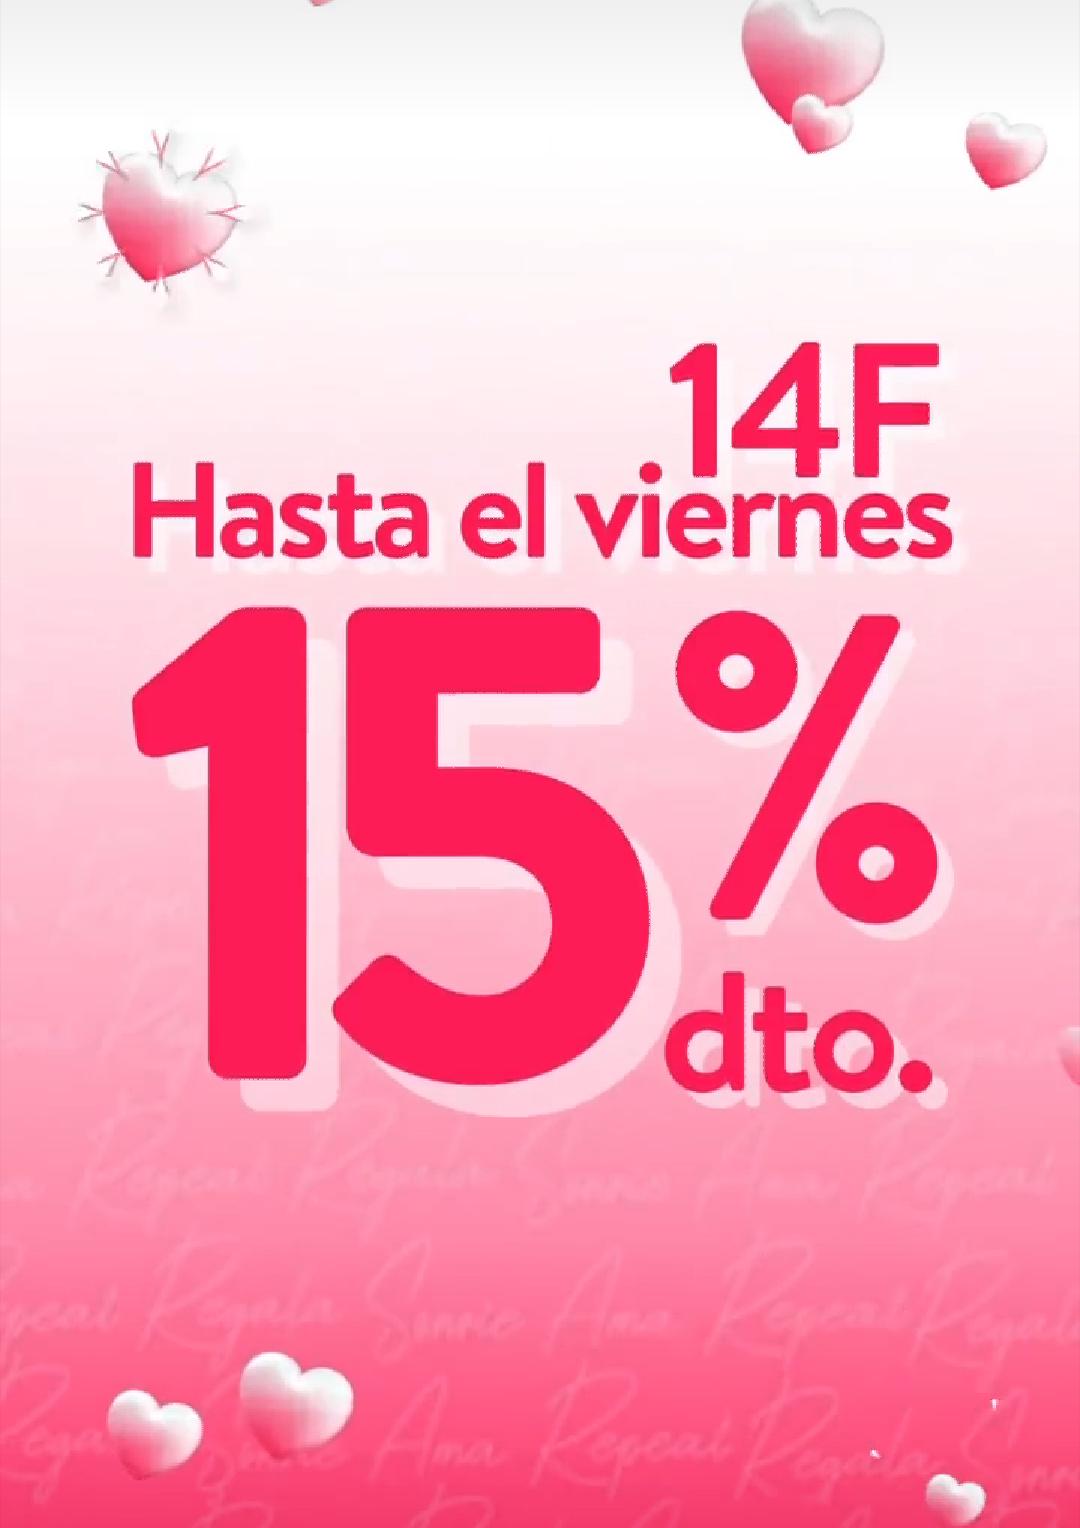 15% descuento en toda la web de PRIMOR